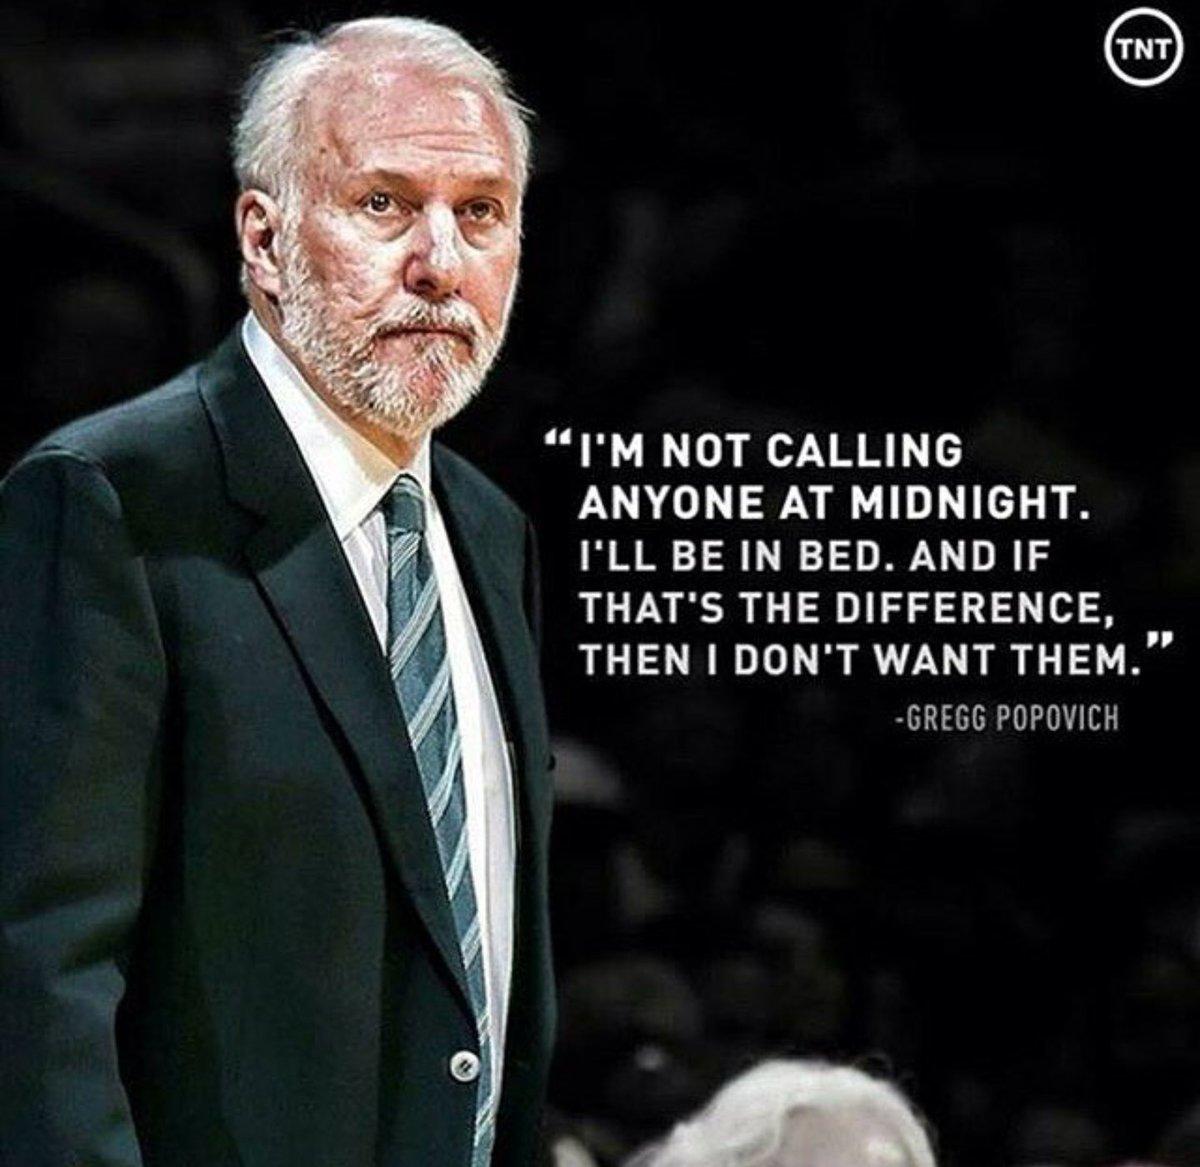 Greg Popovich sleeping right now #Spurs #NBAFreeAgency https://t.co/1guisAfbkp